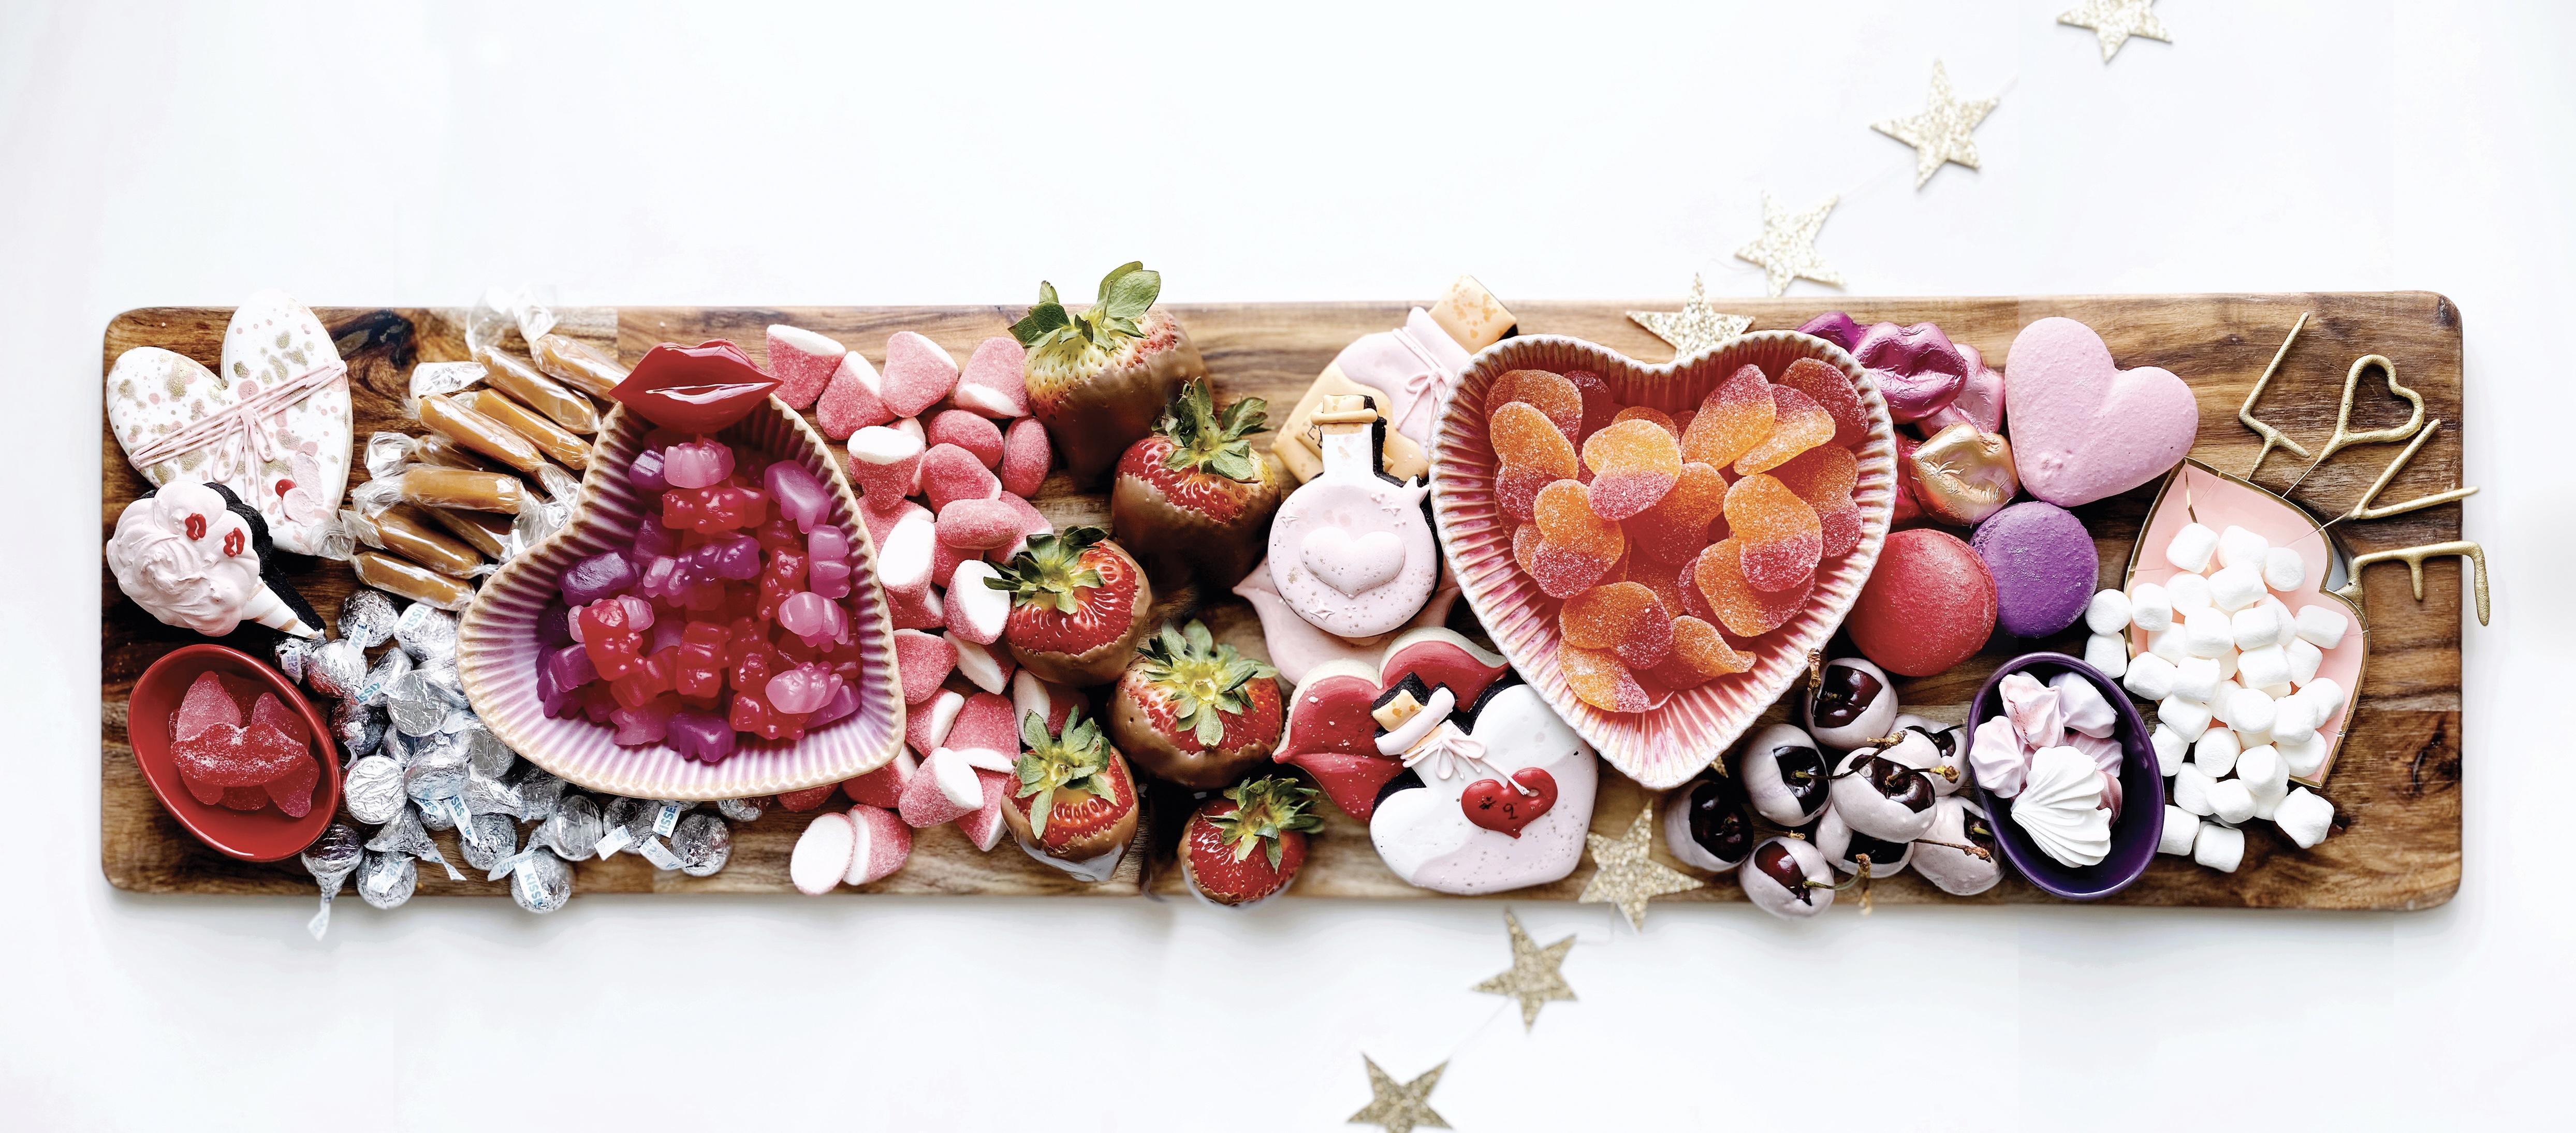 Sweet Board Final2